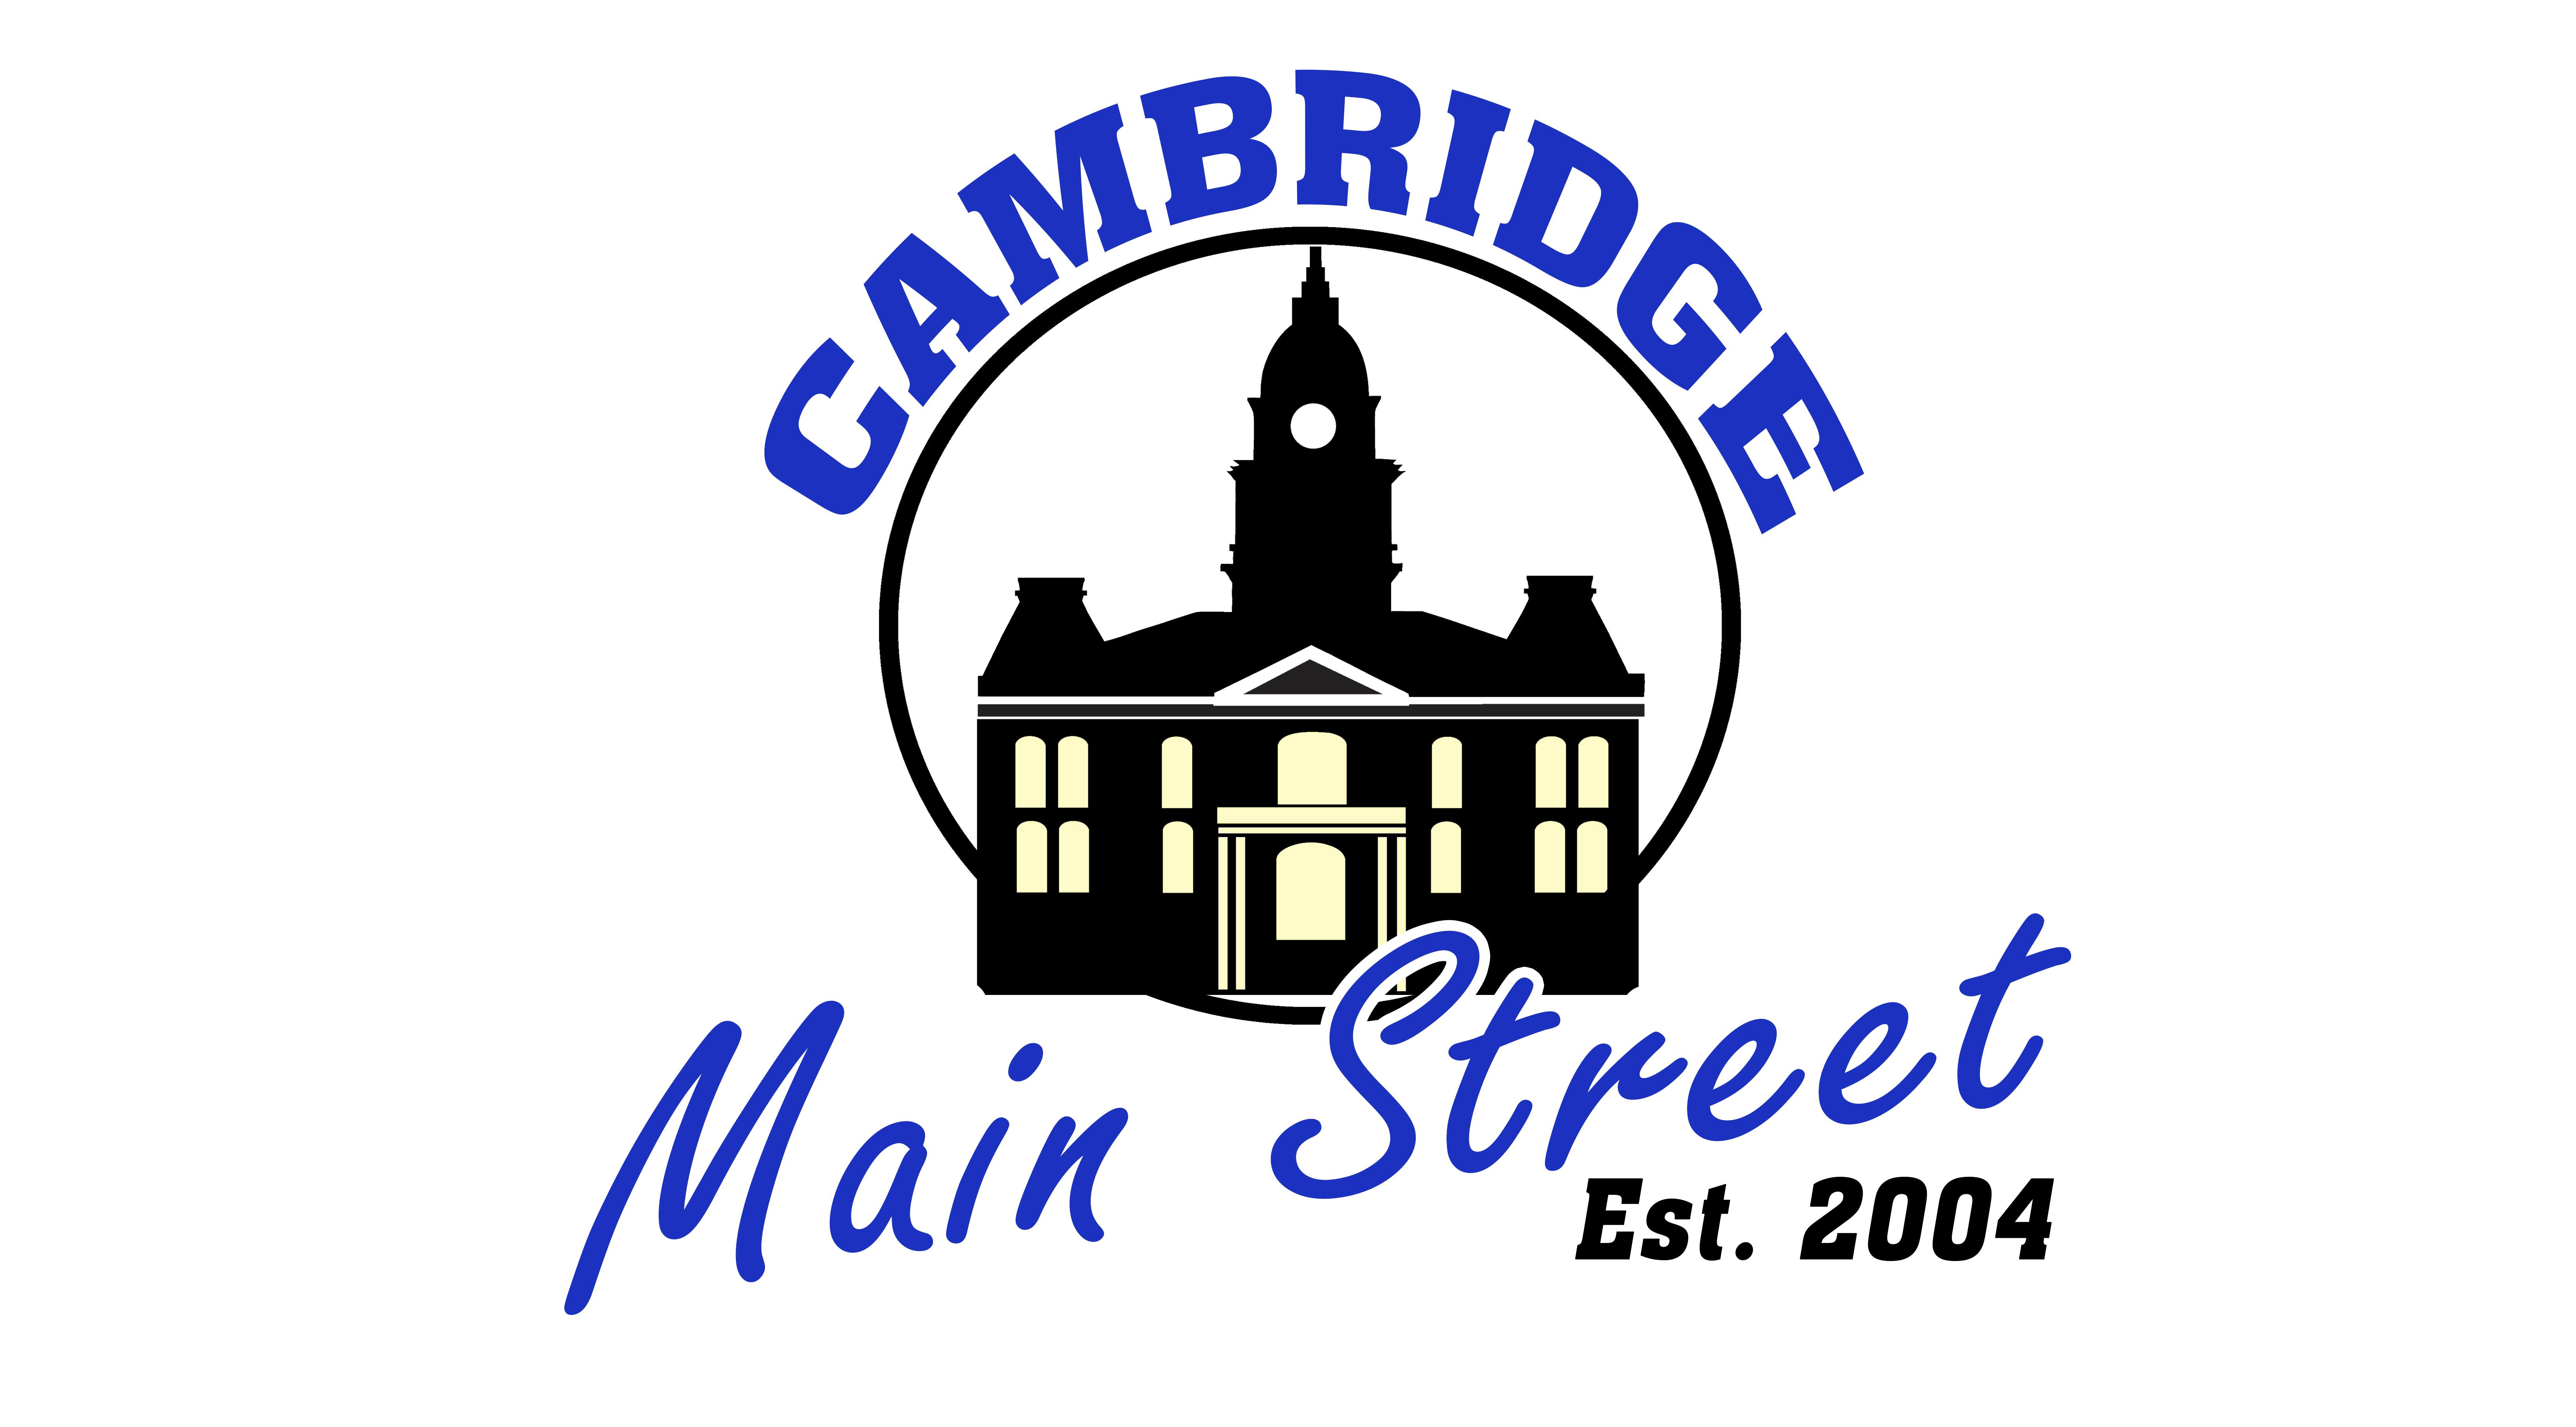 New Main Street Logo 2019